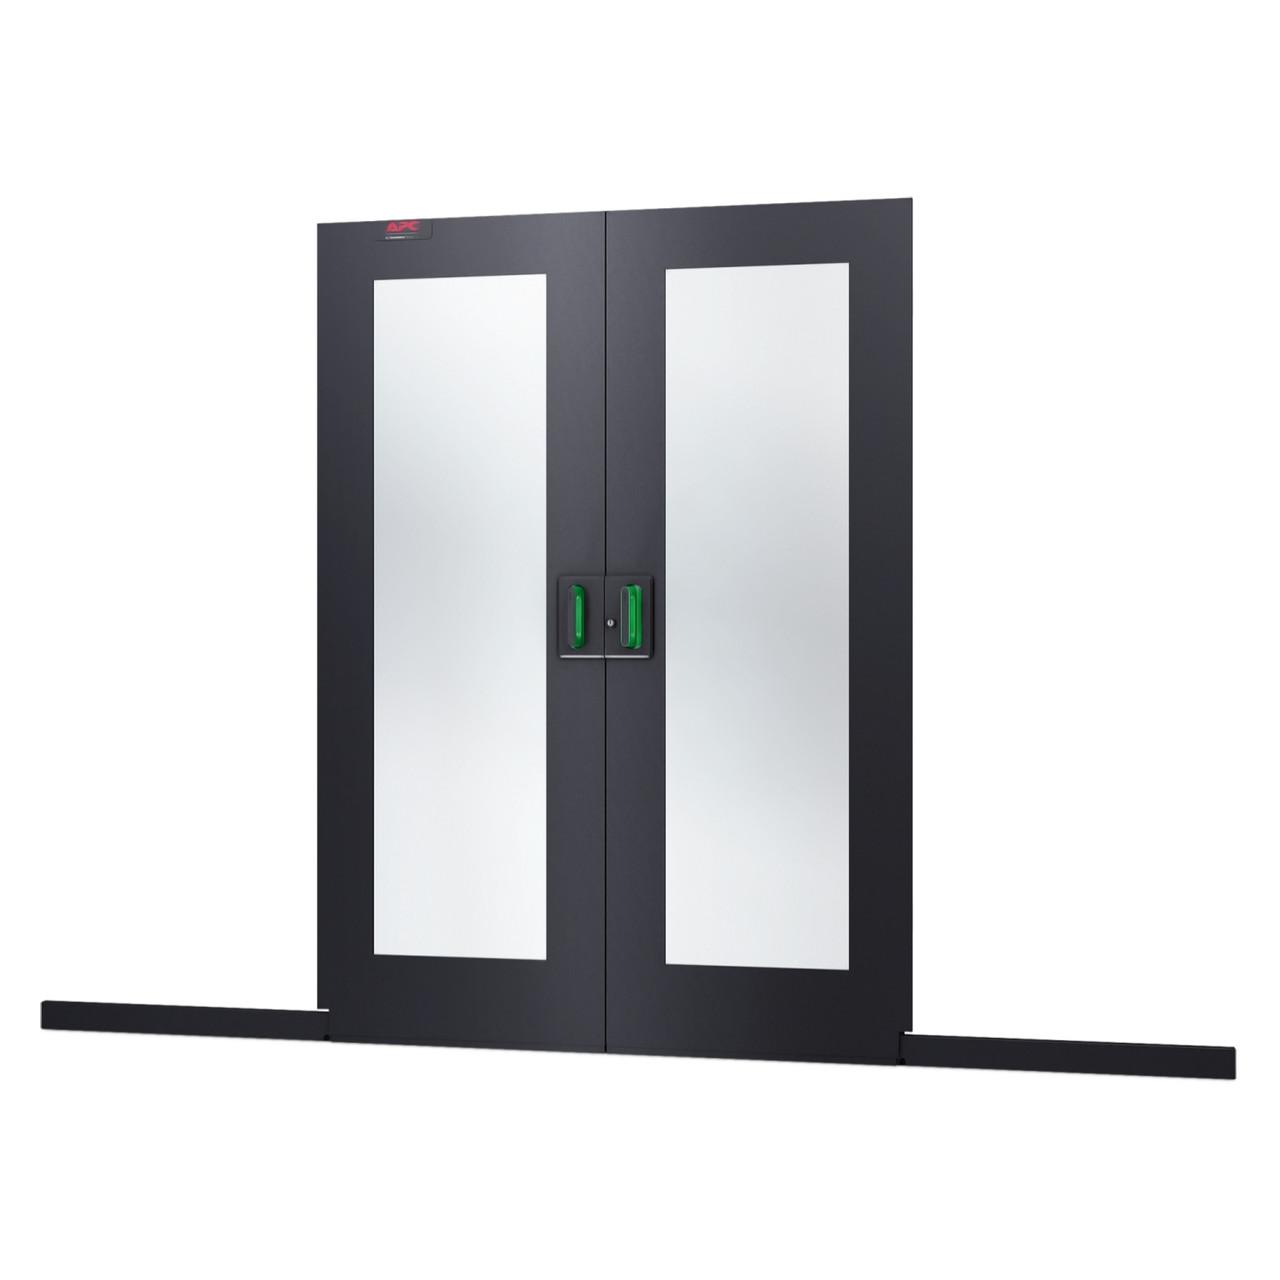 Раздвижные двери АРС (Для изоляции холодного коридора) - 1 комплект